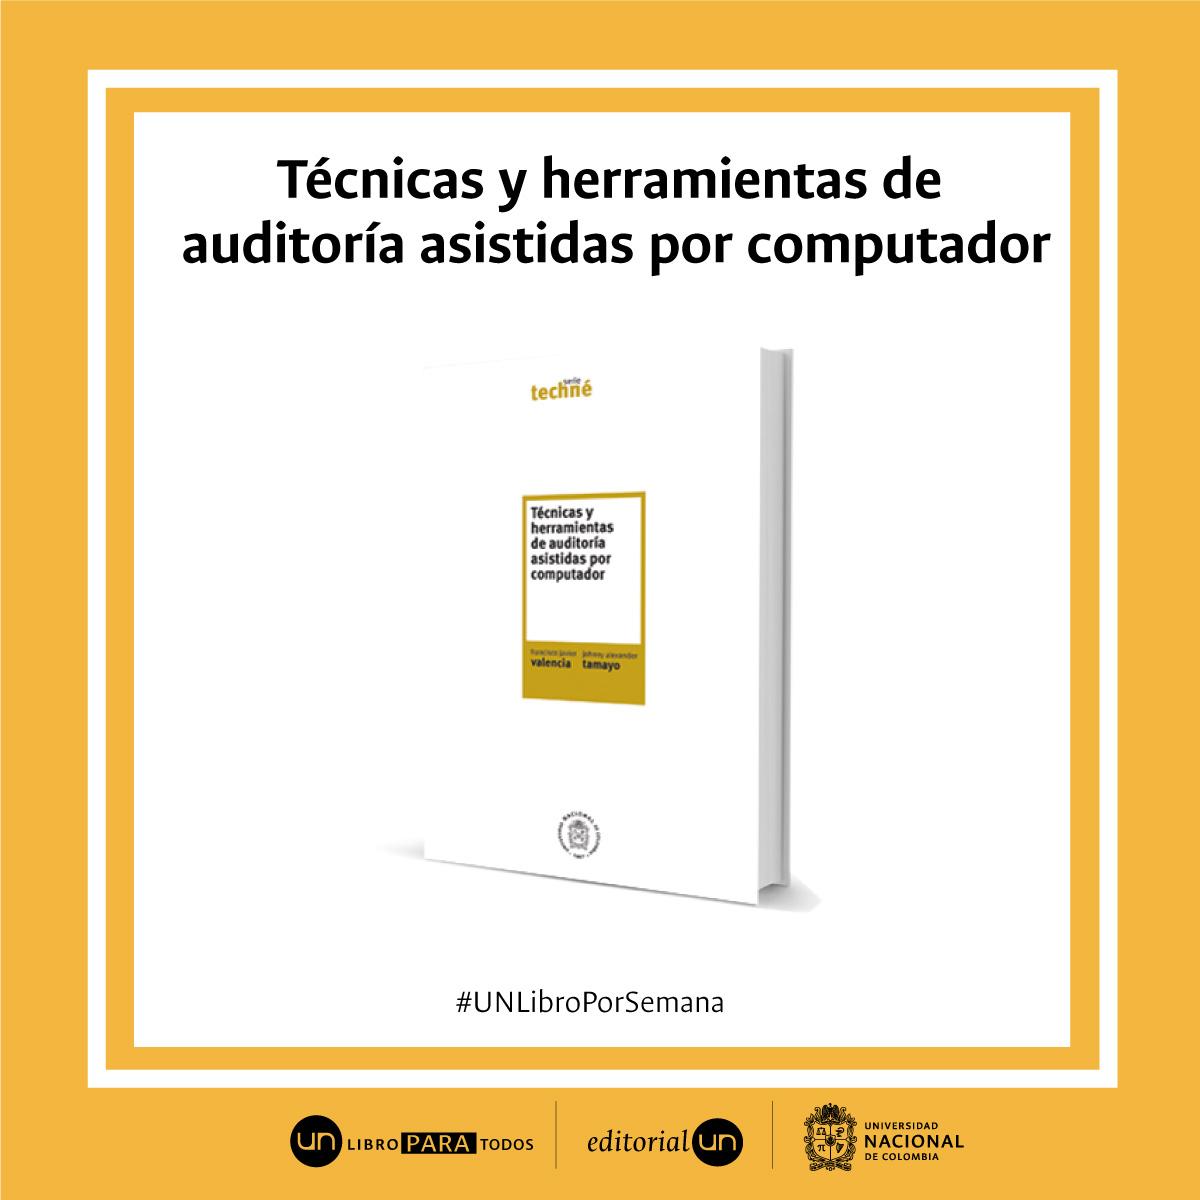 'Técnicas y herramientas de auditoría asistidas por computador'